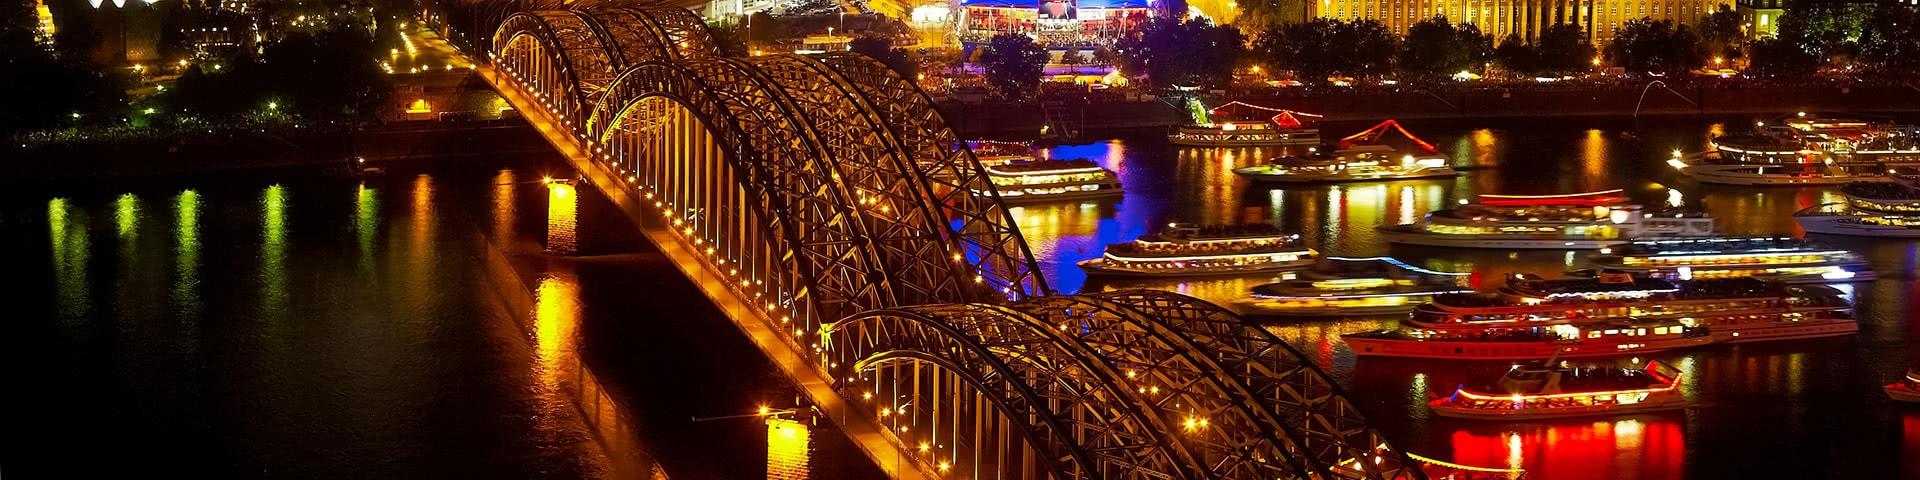 Viele beleuchtete Schiffe auf dem Rhein bei den Kölner Lichtern